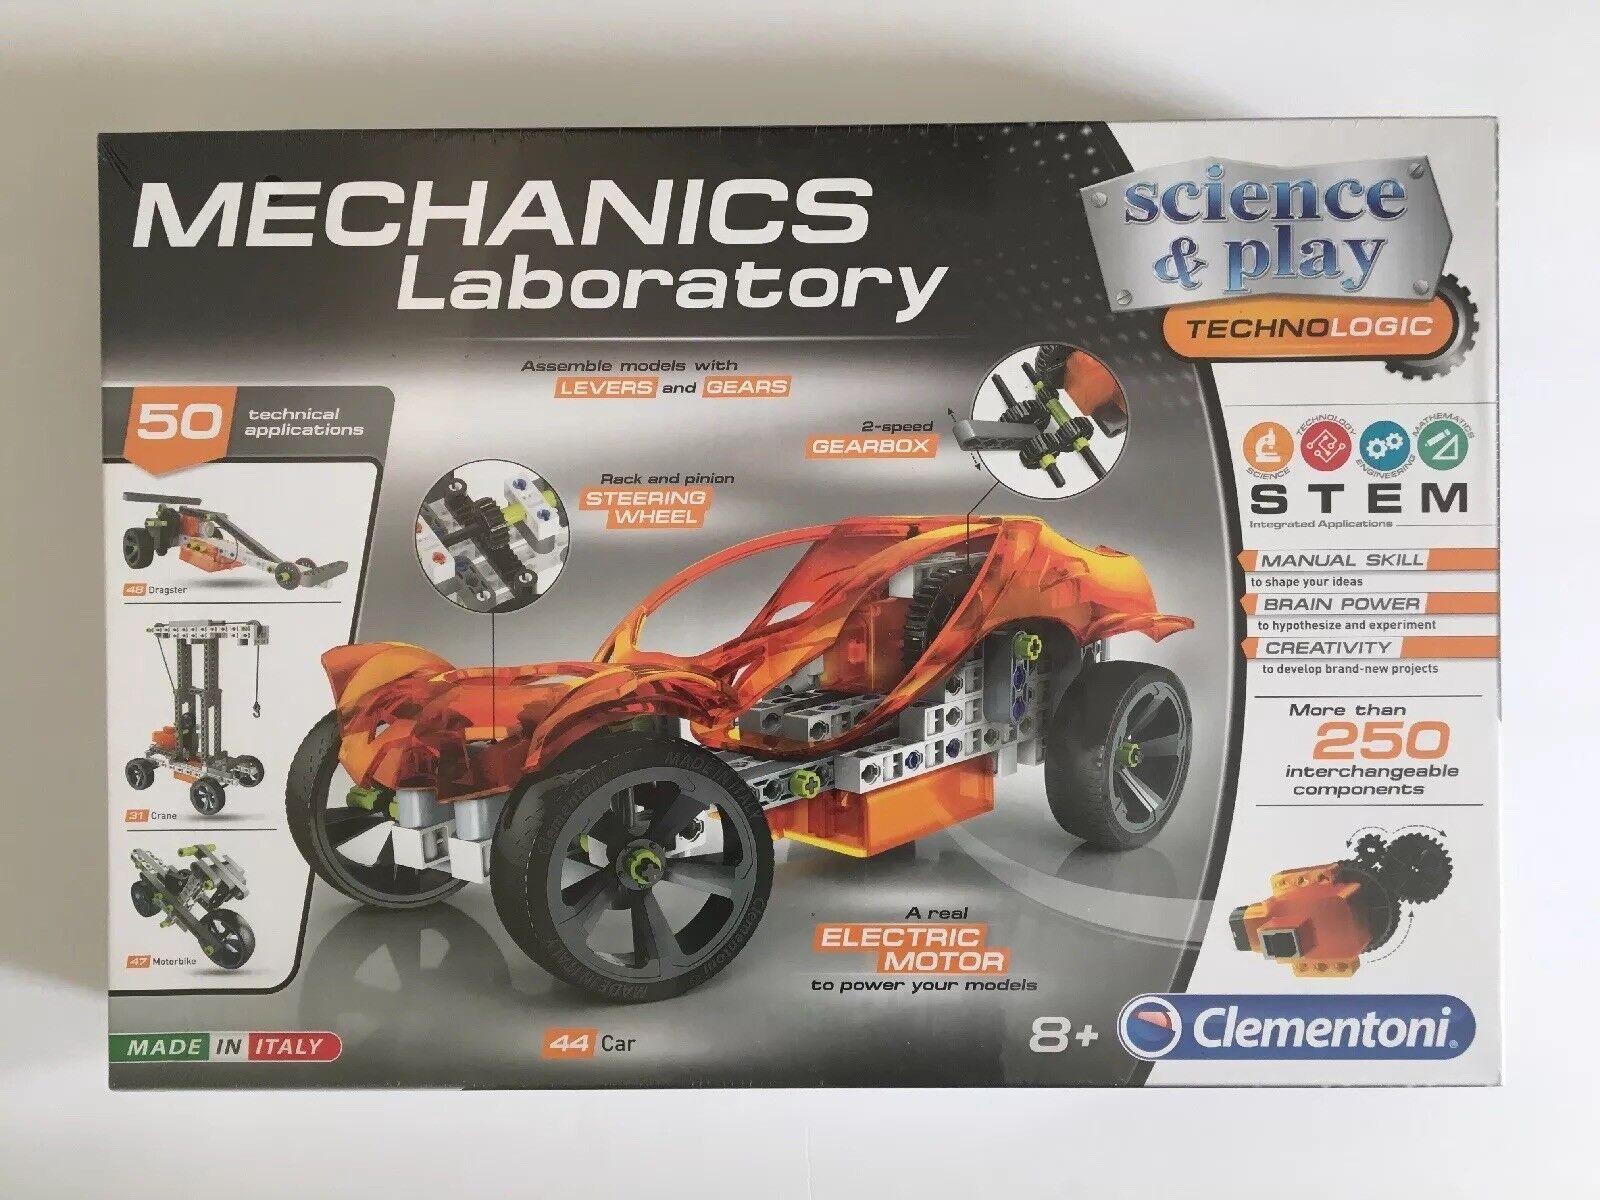 Die wissenschaft auch clementoni mechanik labor labor - wissenschaft & play - spielzeug